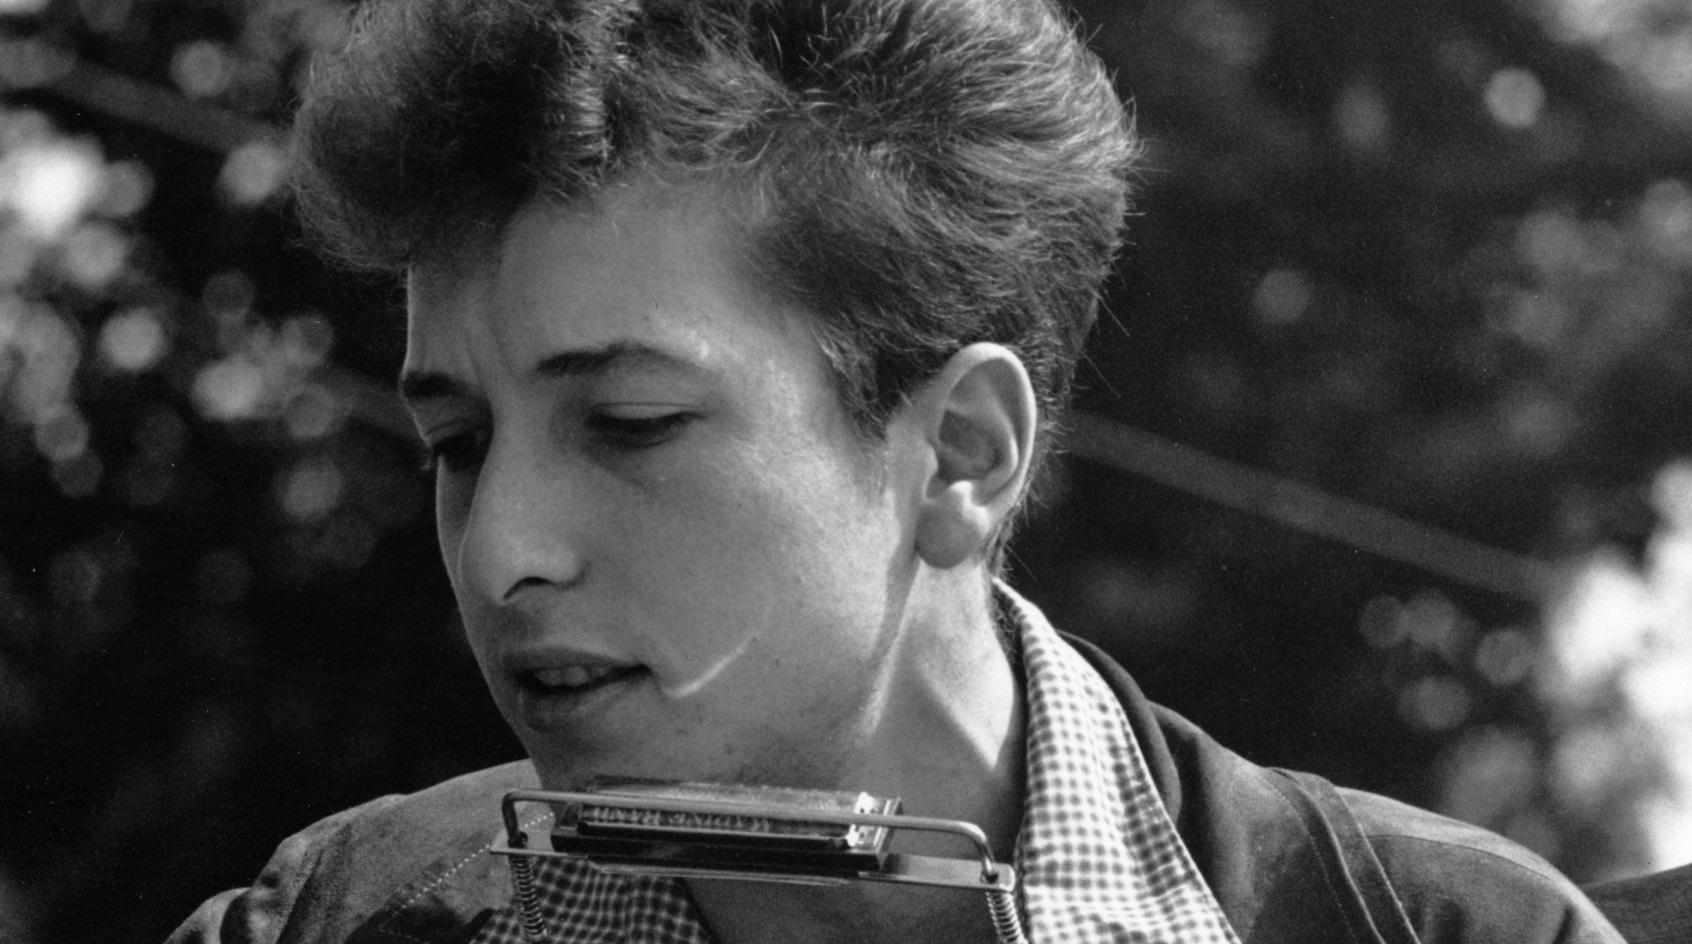 Literacka Nagroda Nobla 2016 dla Boba Dylana!